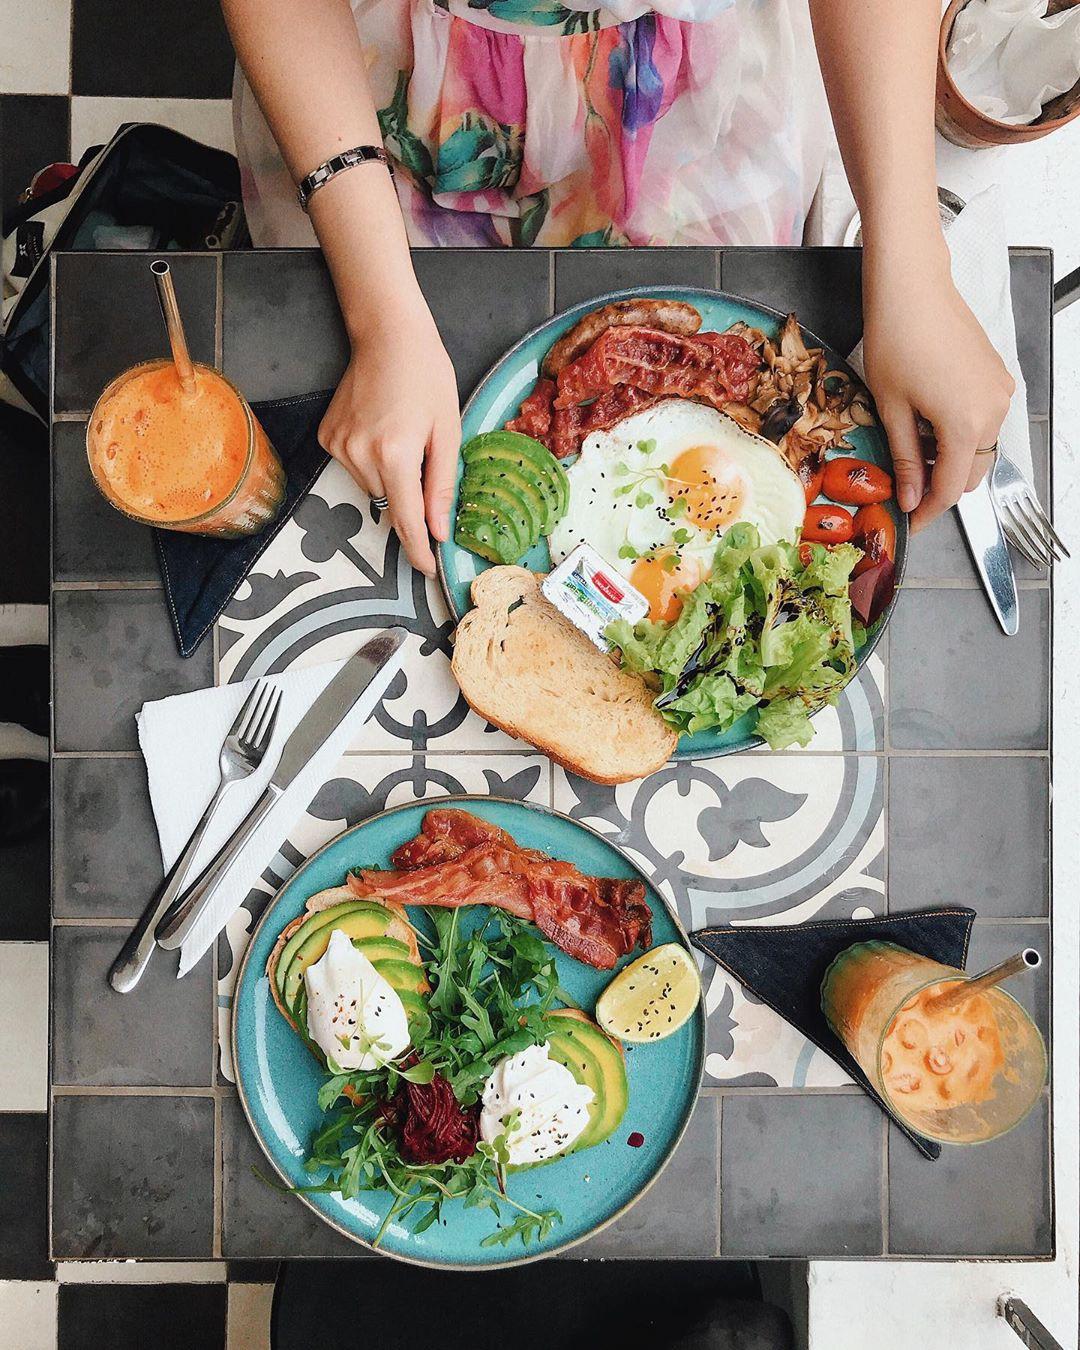 Pretty Breakfast: Trào lưu ăn uống mới toanh đang gây bão Instagram giới trẻ Sài Gòn - Ảnh 11.